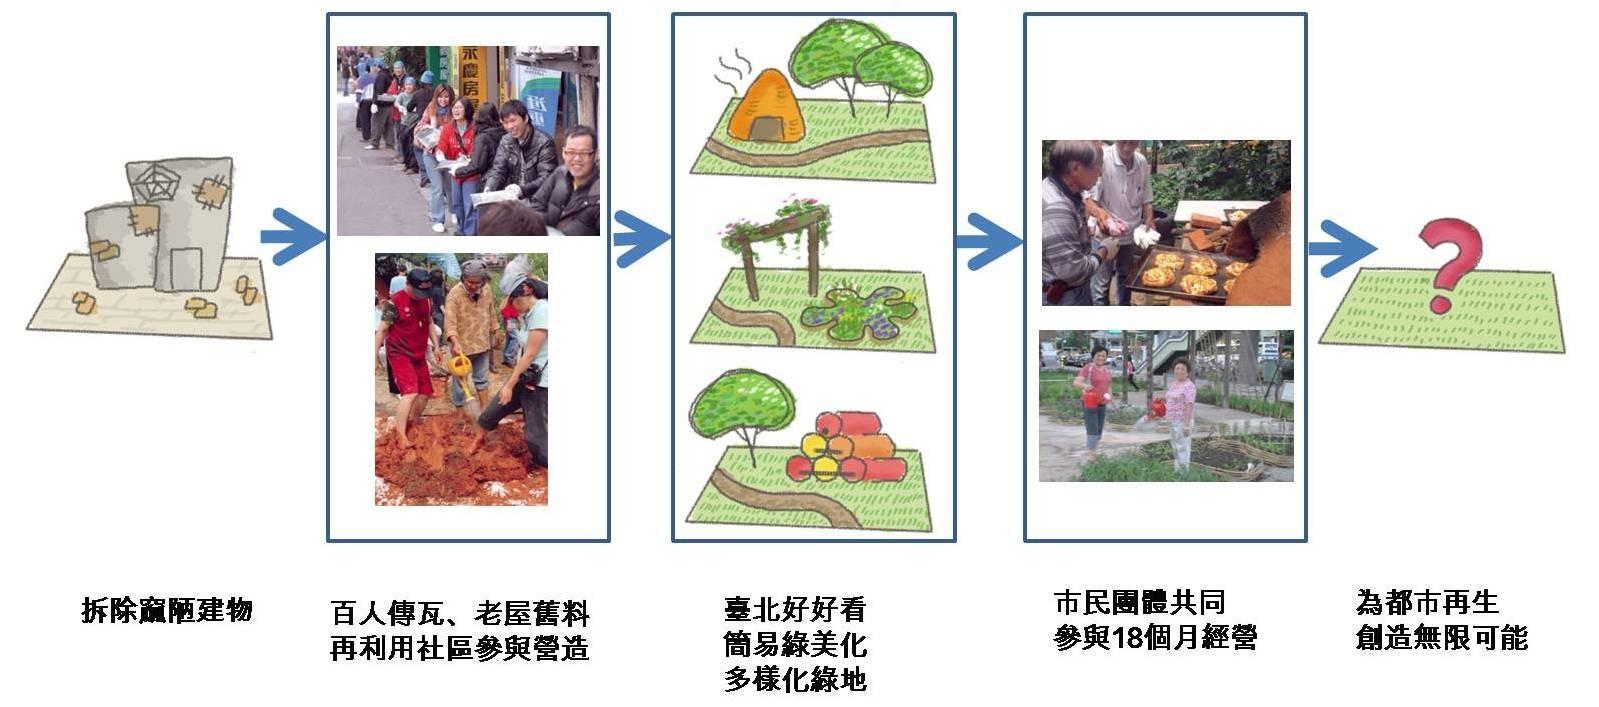 【青年社造行動2】綠點大解析